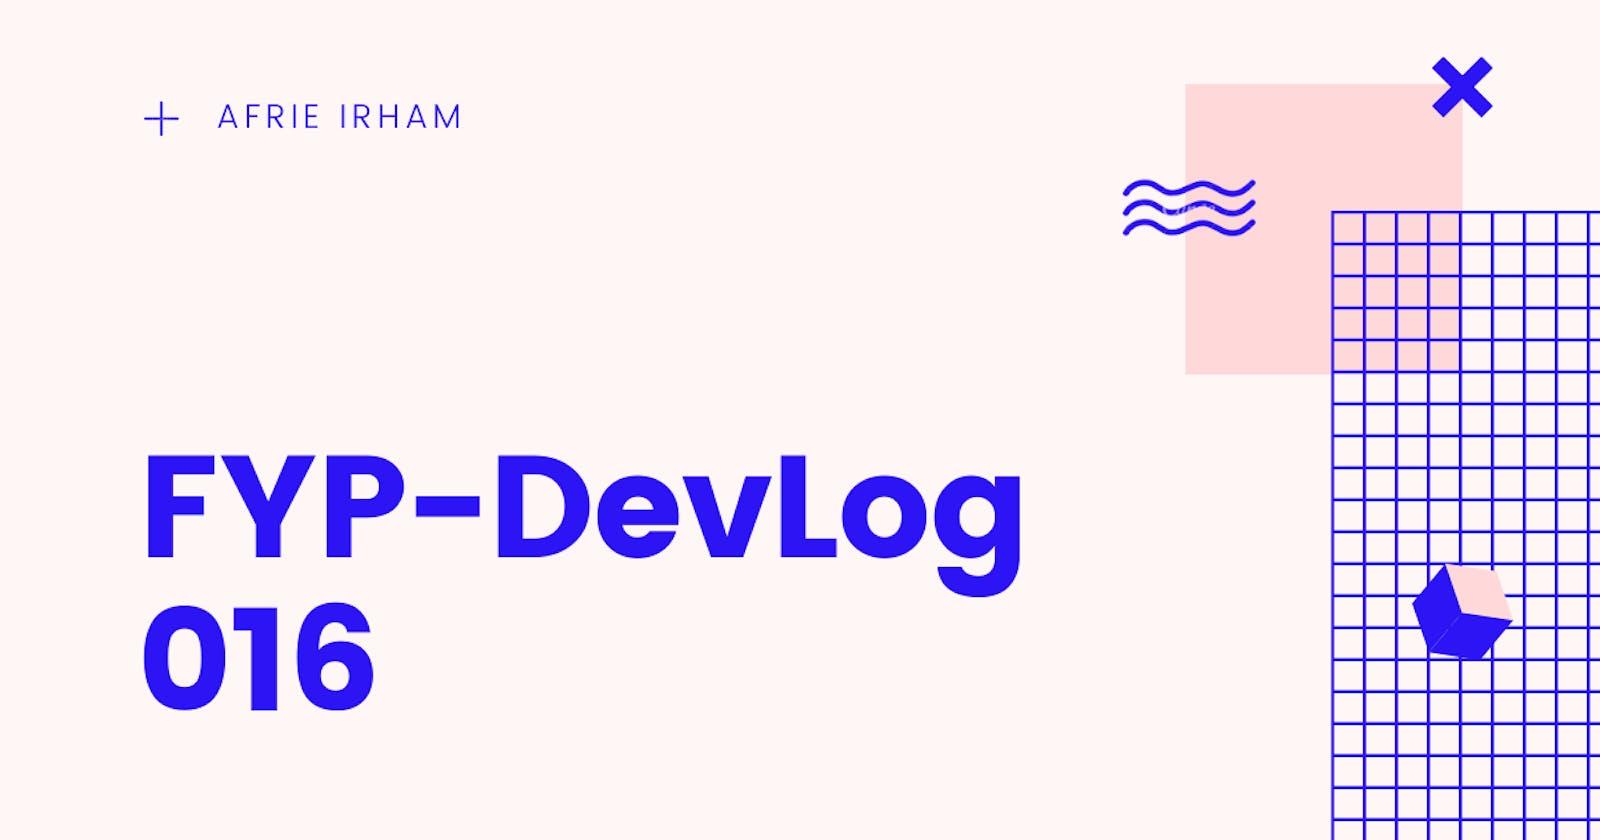 FYP-DevLog 016